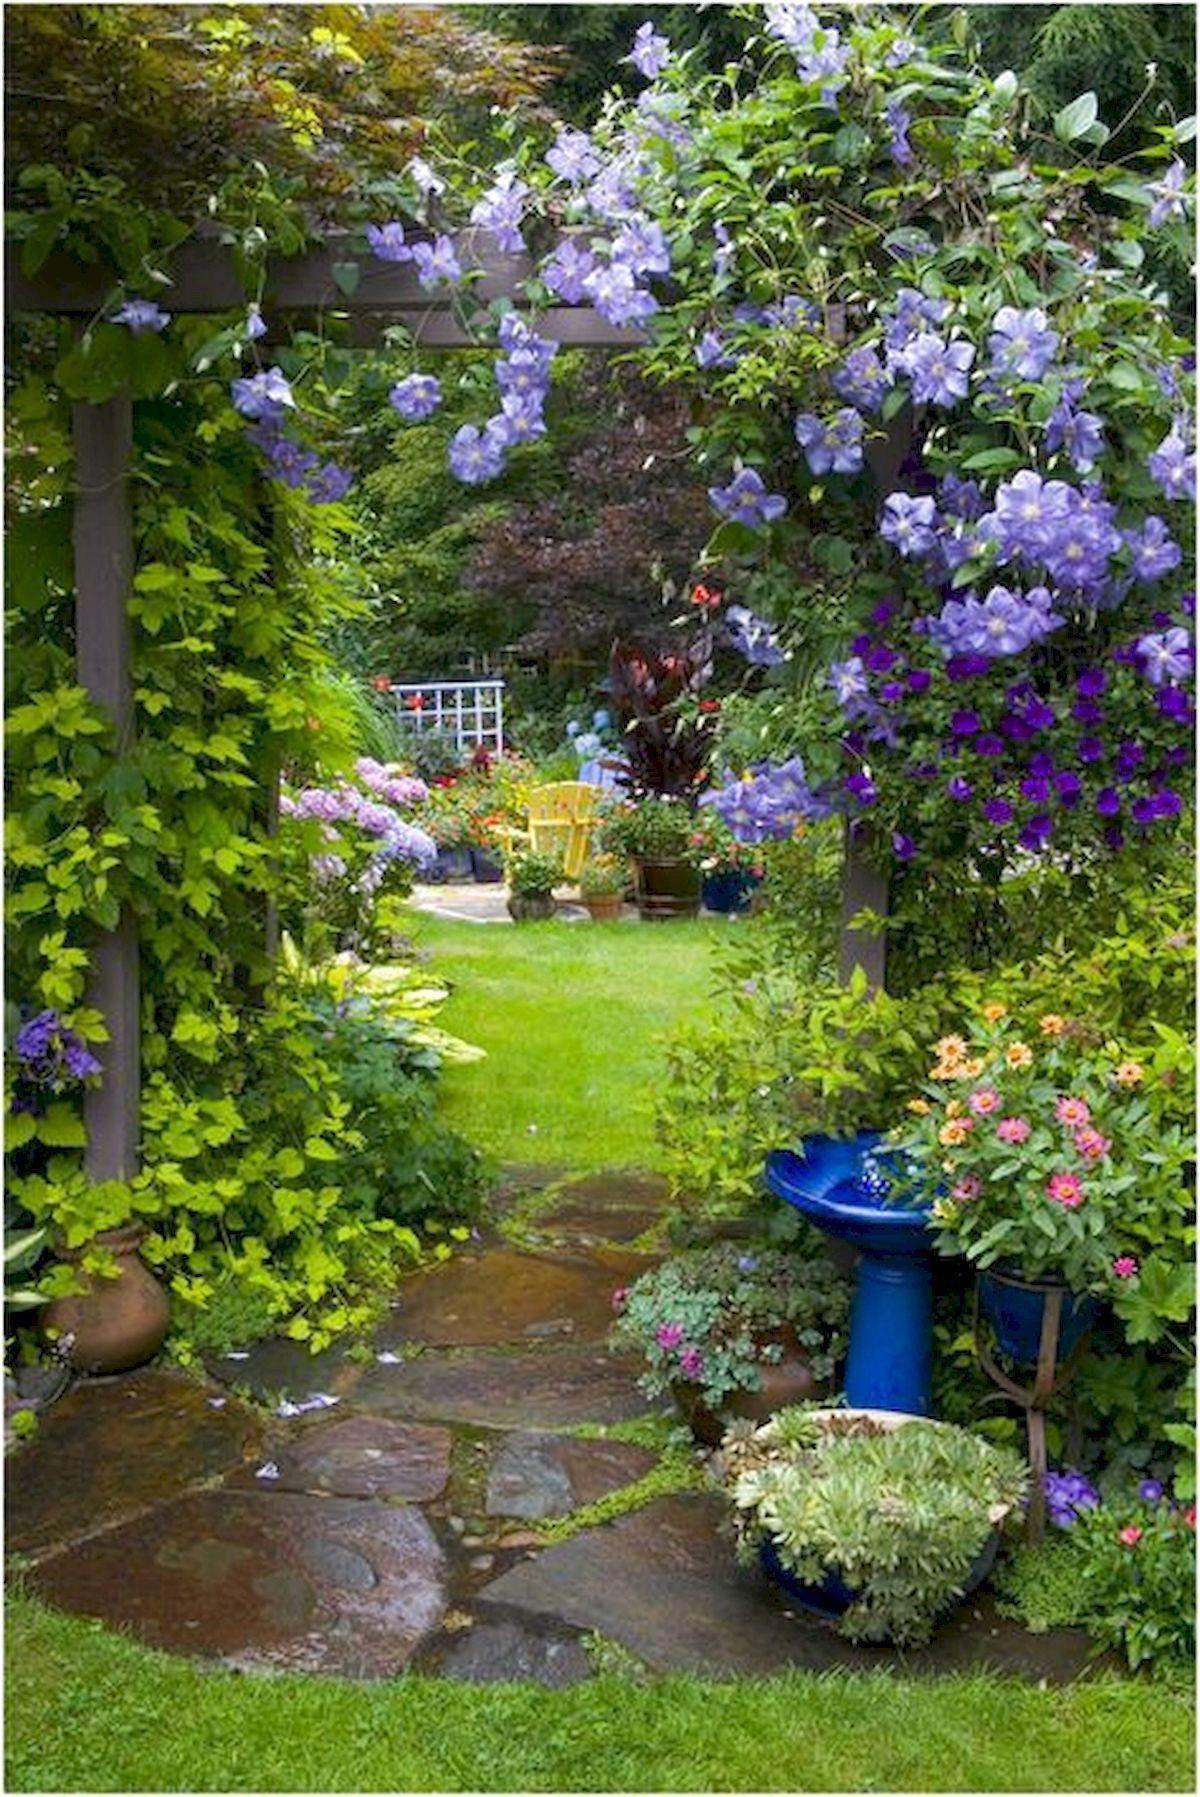 32852pch Backyard Garden Design Small Garden Design Garden Design Backyard garden oasis ideas